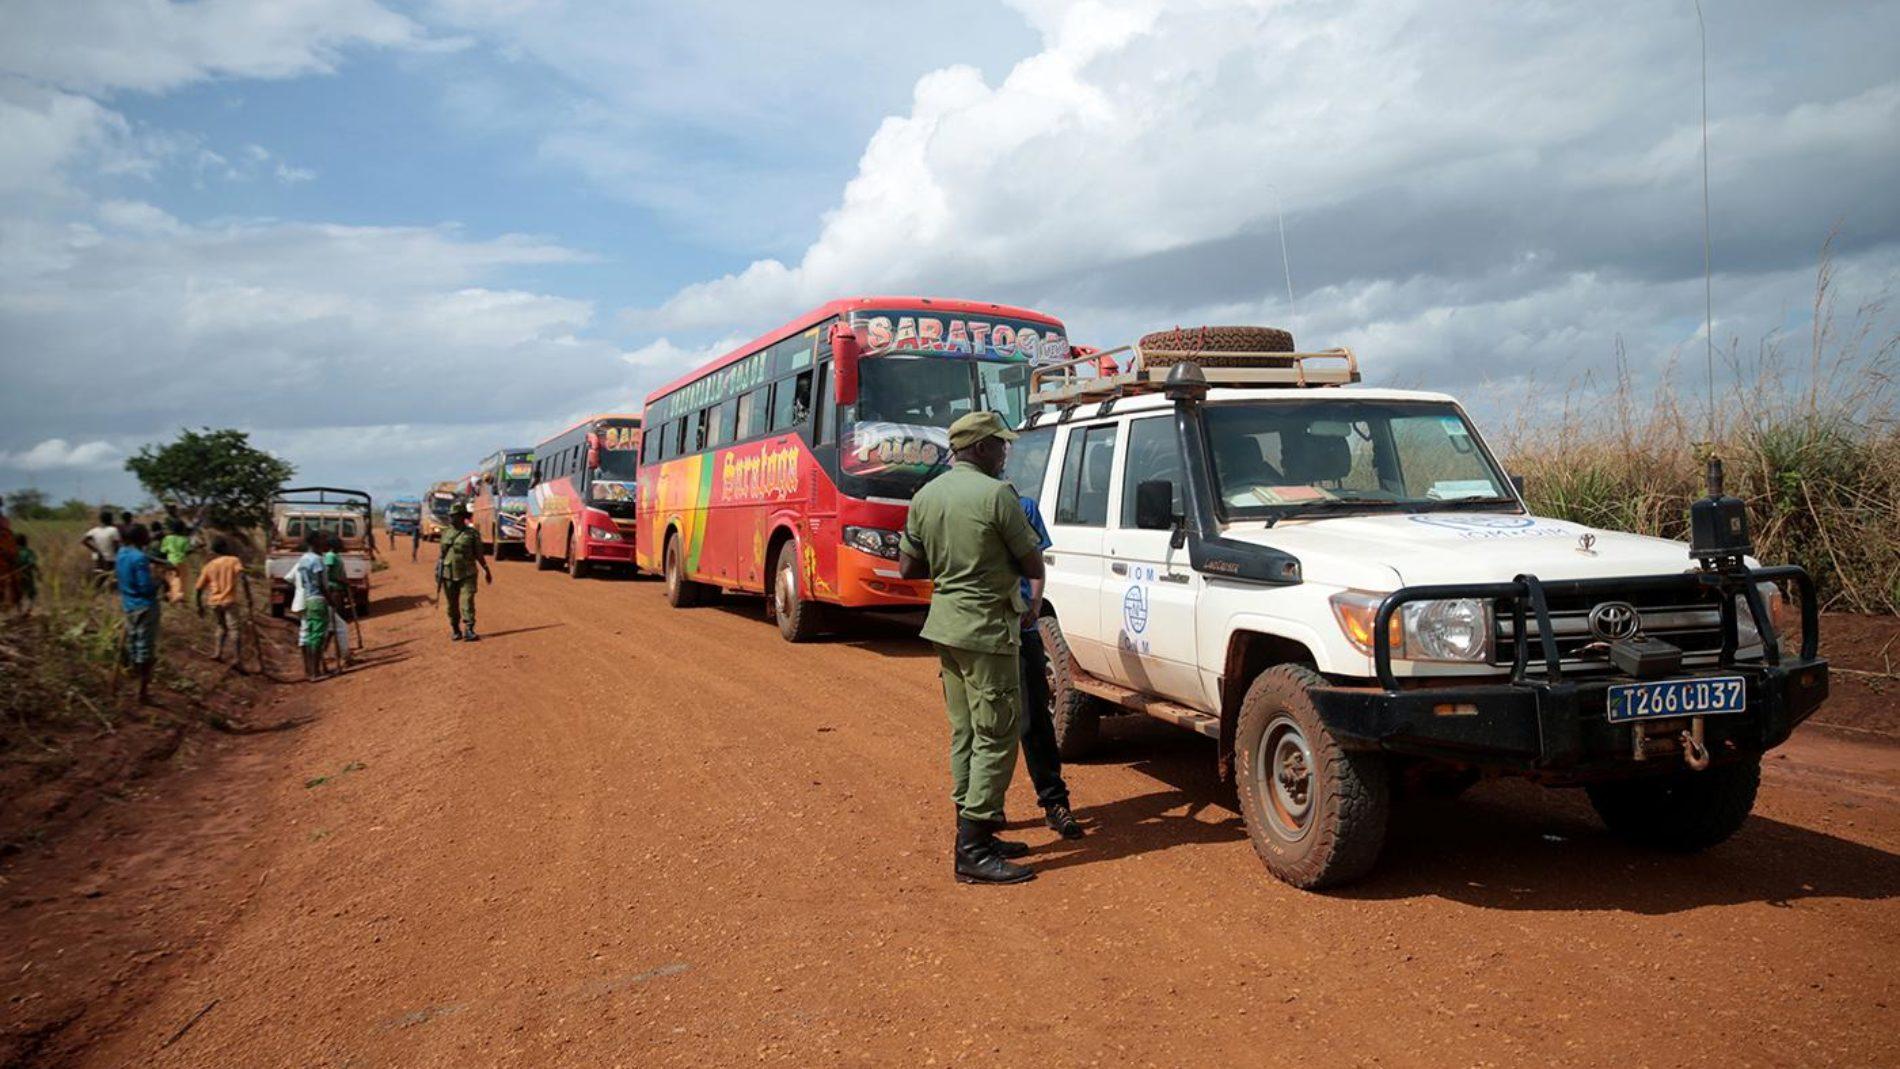 Environ 2400 personnes ont fui le Burundi entre janvier et février 2020